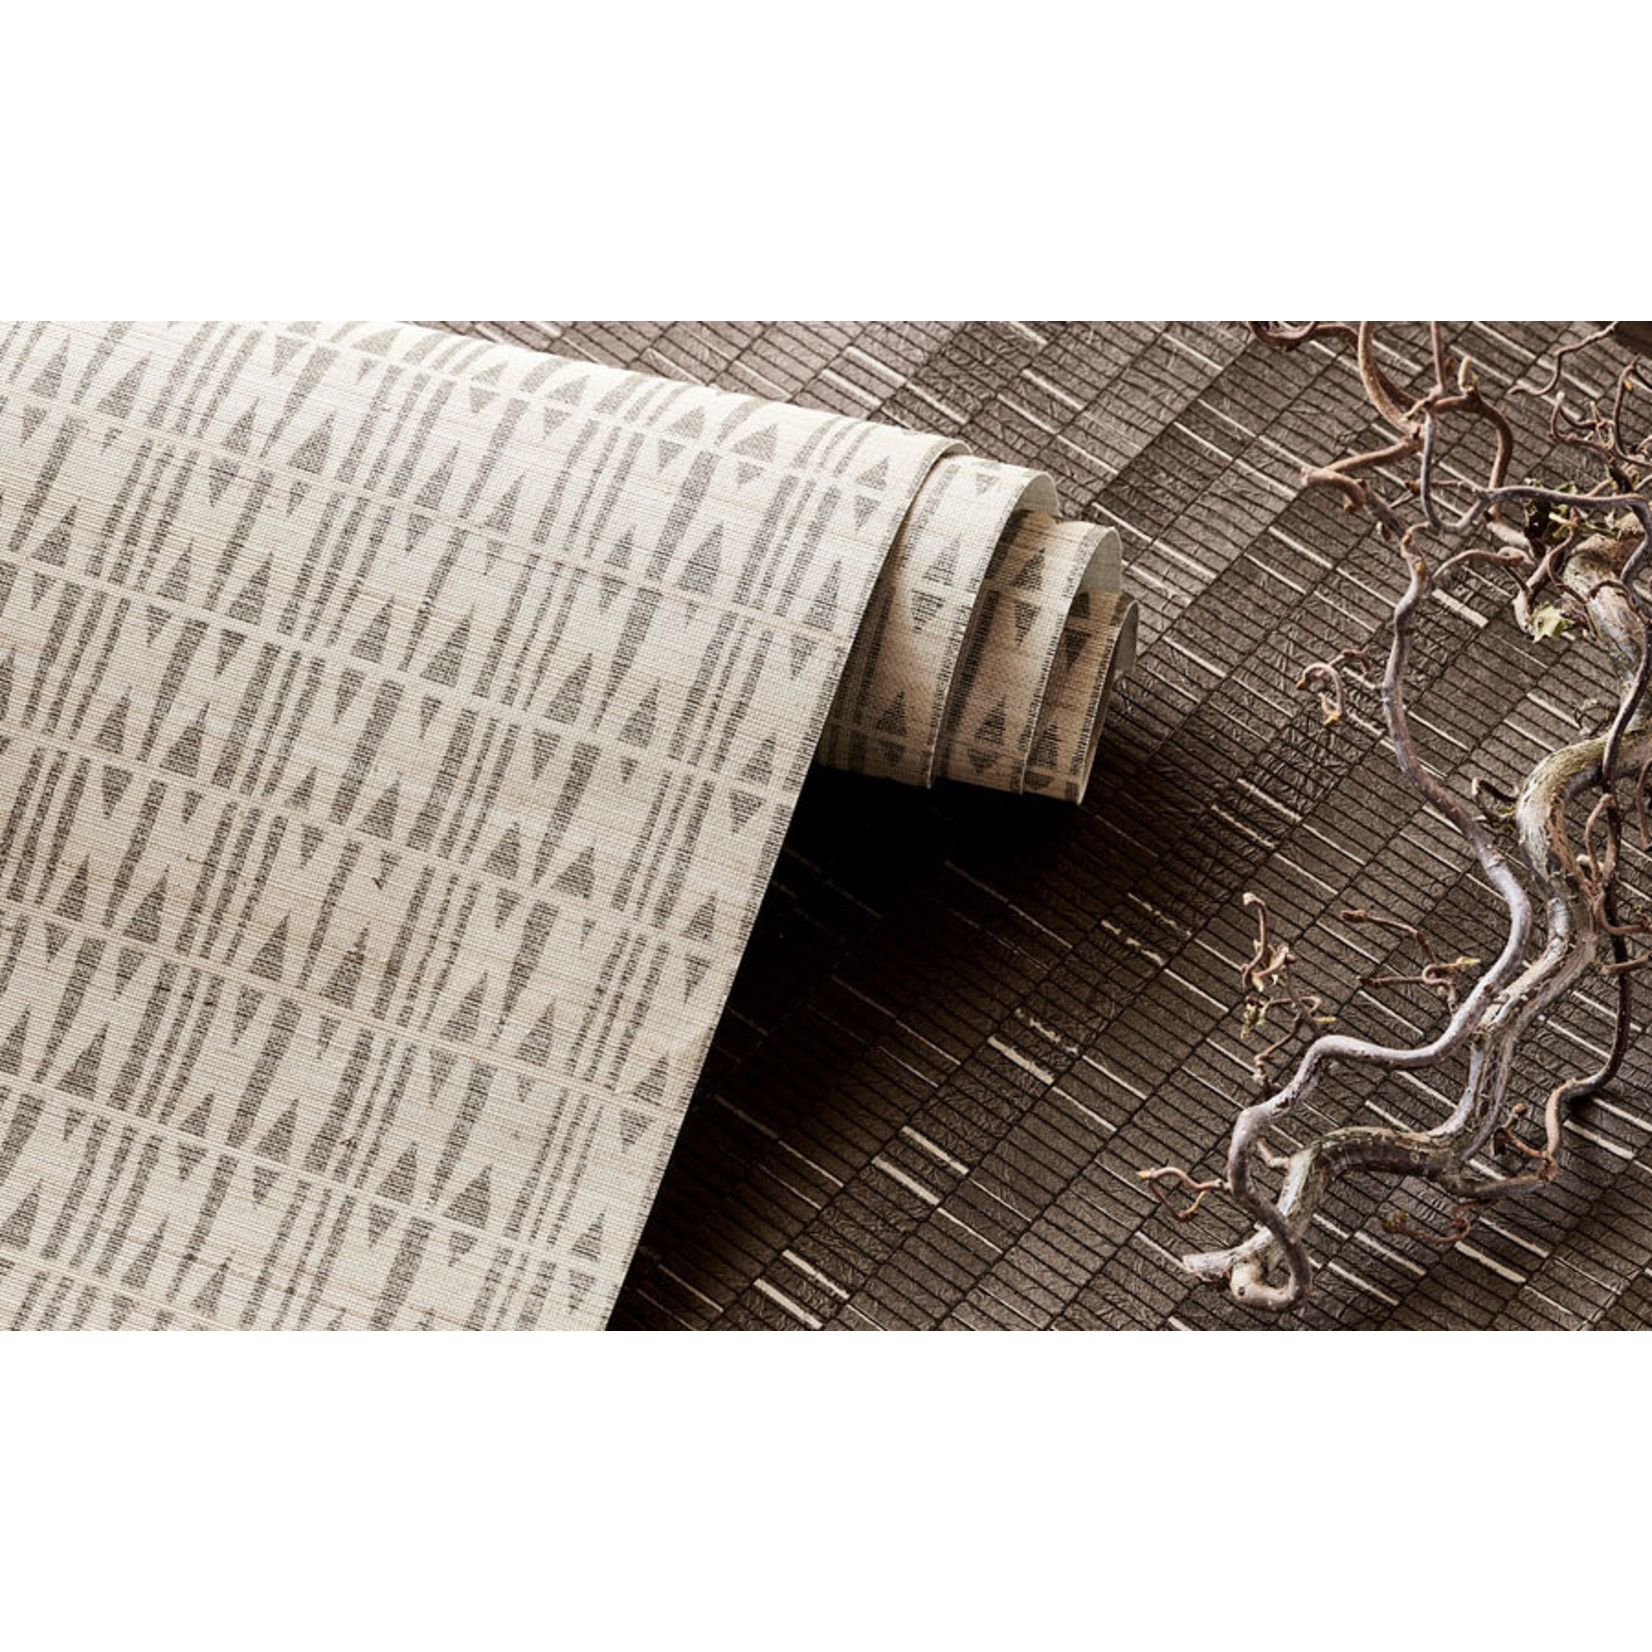 Mark Alexander Collage de revêtements muraux fabriqués à la main | Anagramme Châtaigne